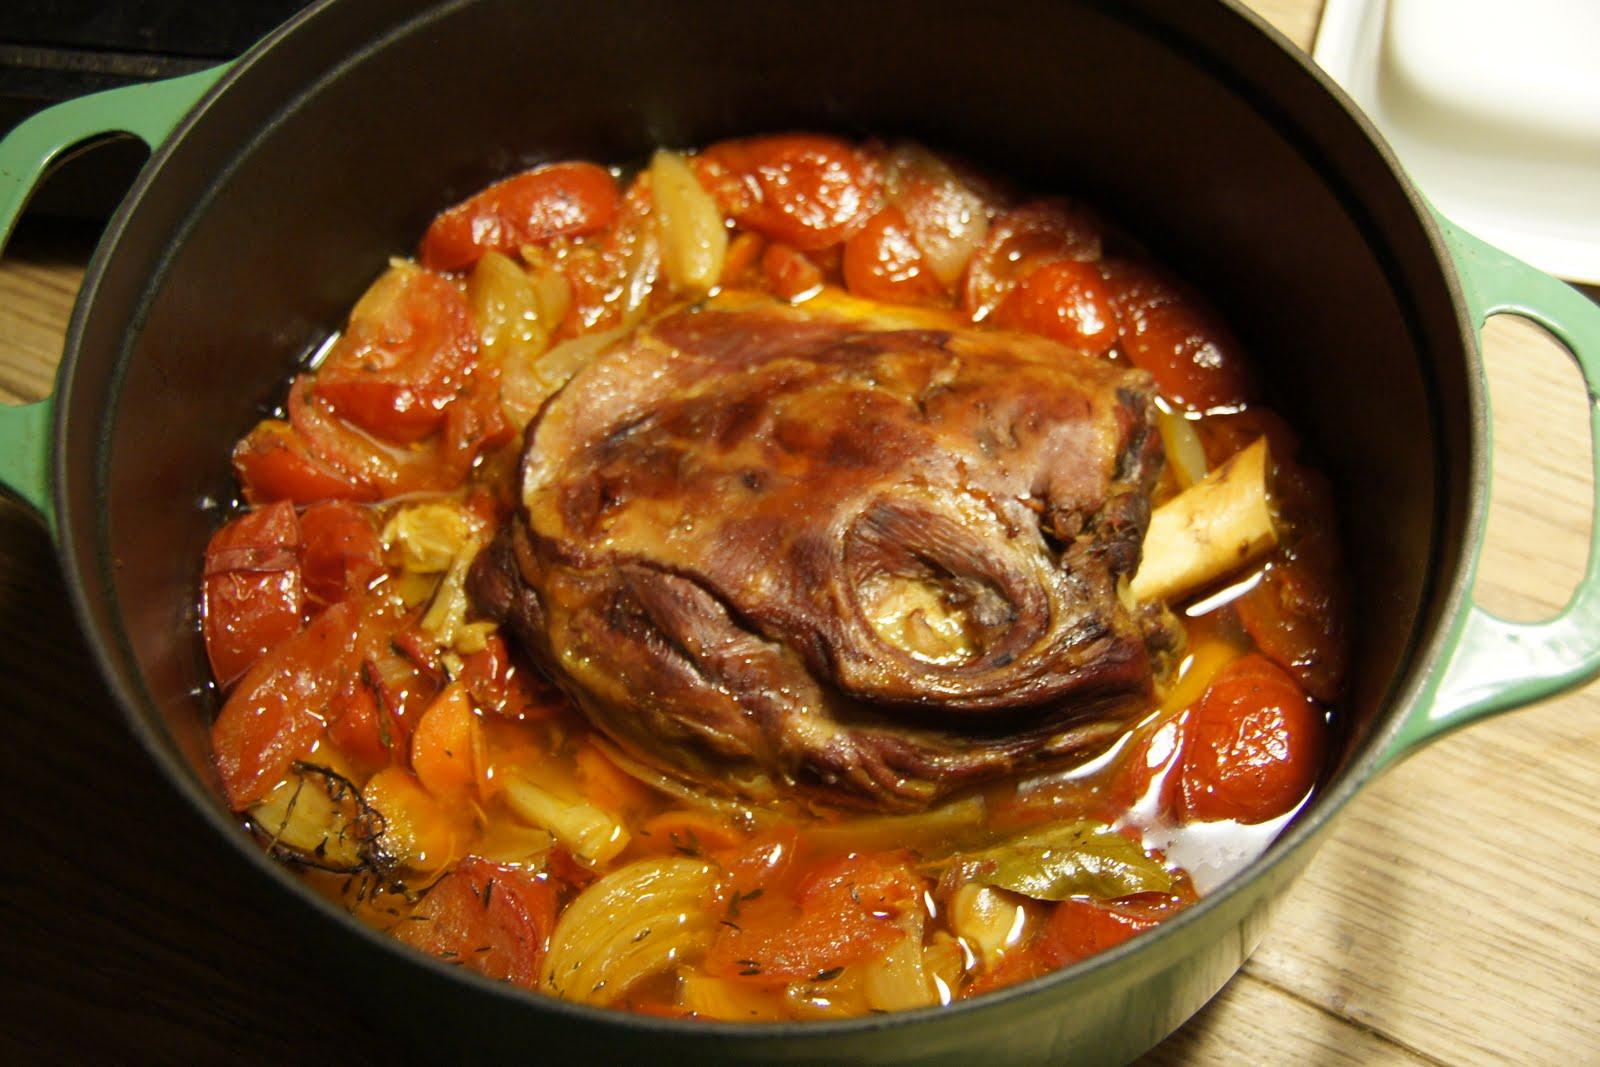 Comment cuisiner une paule d 39 agneau - Comment cuisiner des flageolets en boite ...